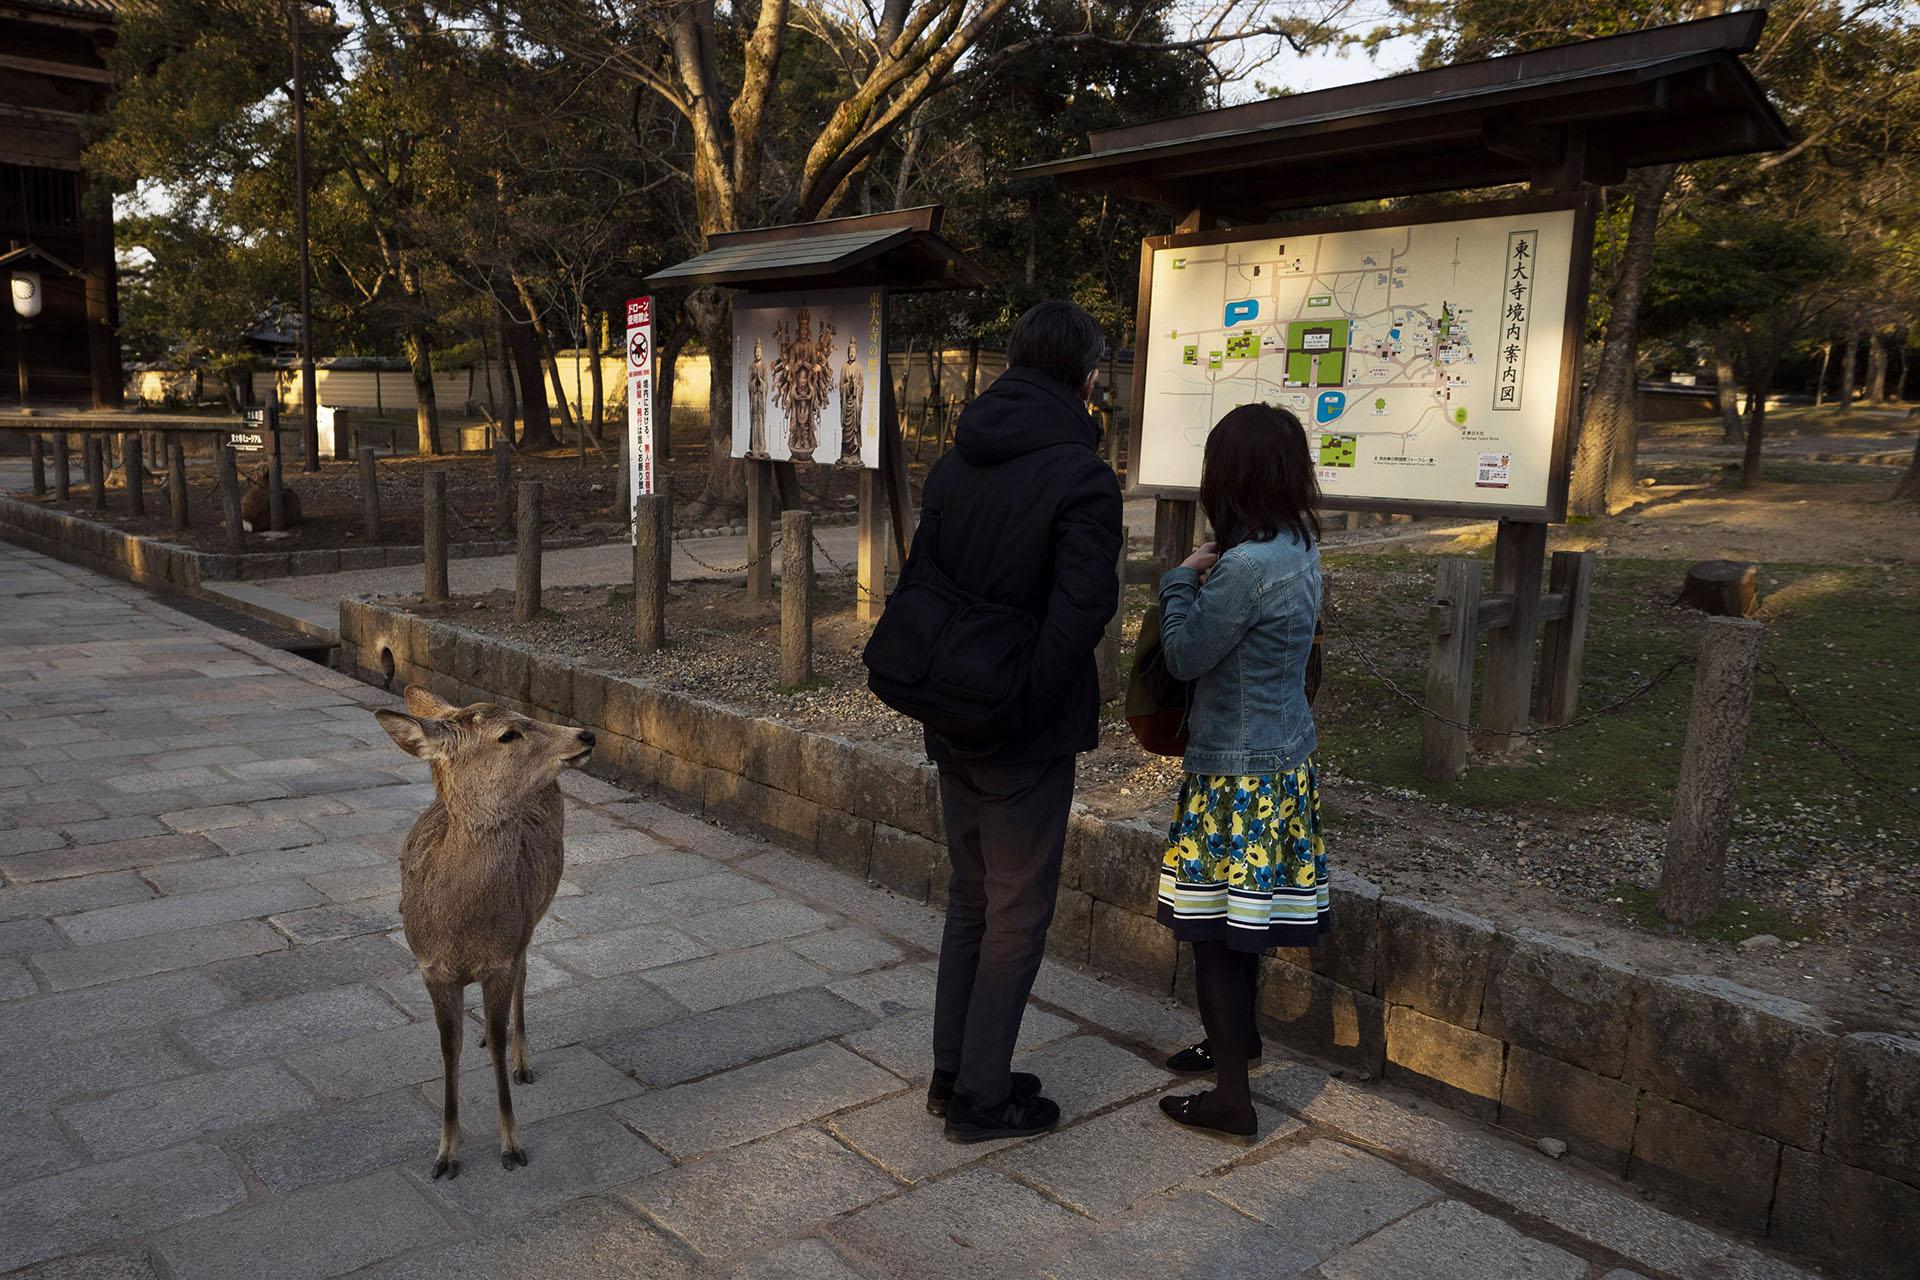 Un ciervo mira a dos visitantes de pie frente a un mapa del área fuera del templo Todaiji en Nara, Japón (Foto AP / Jae C. Hong)